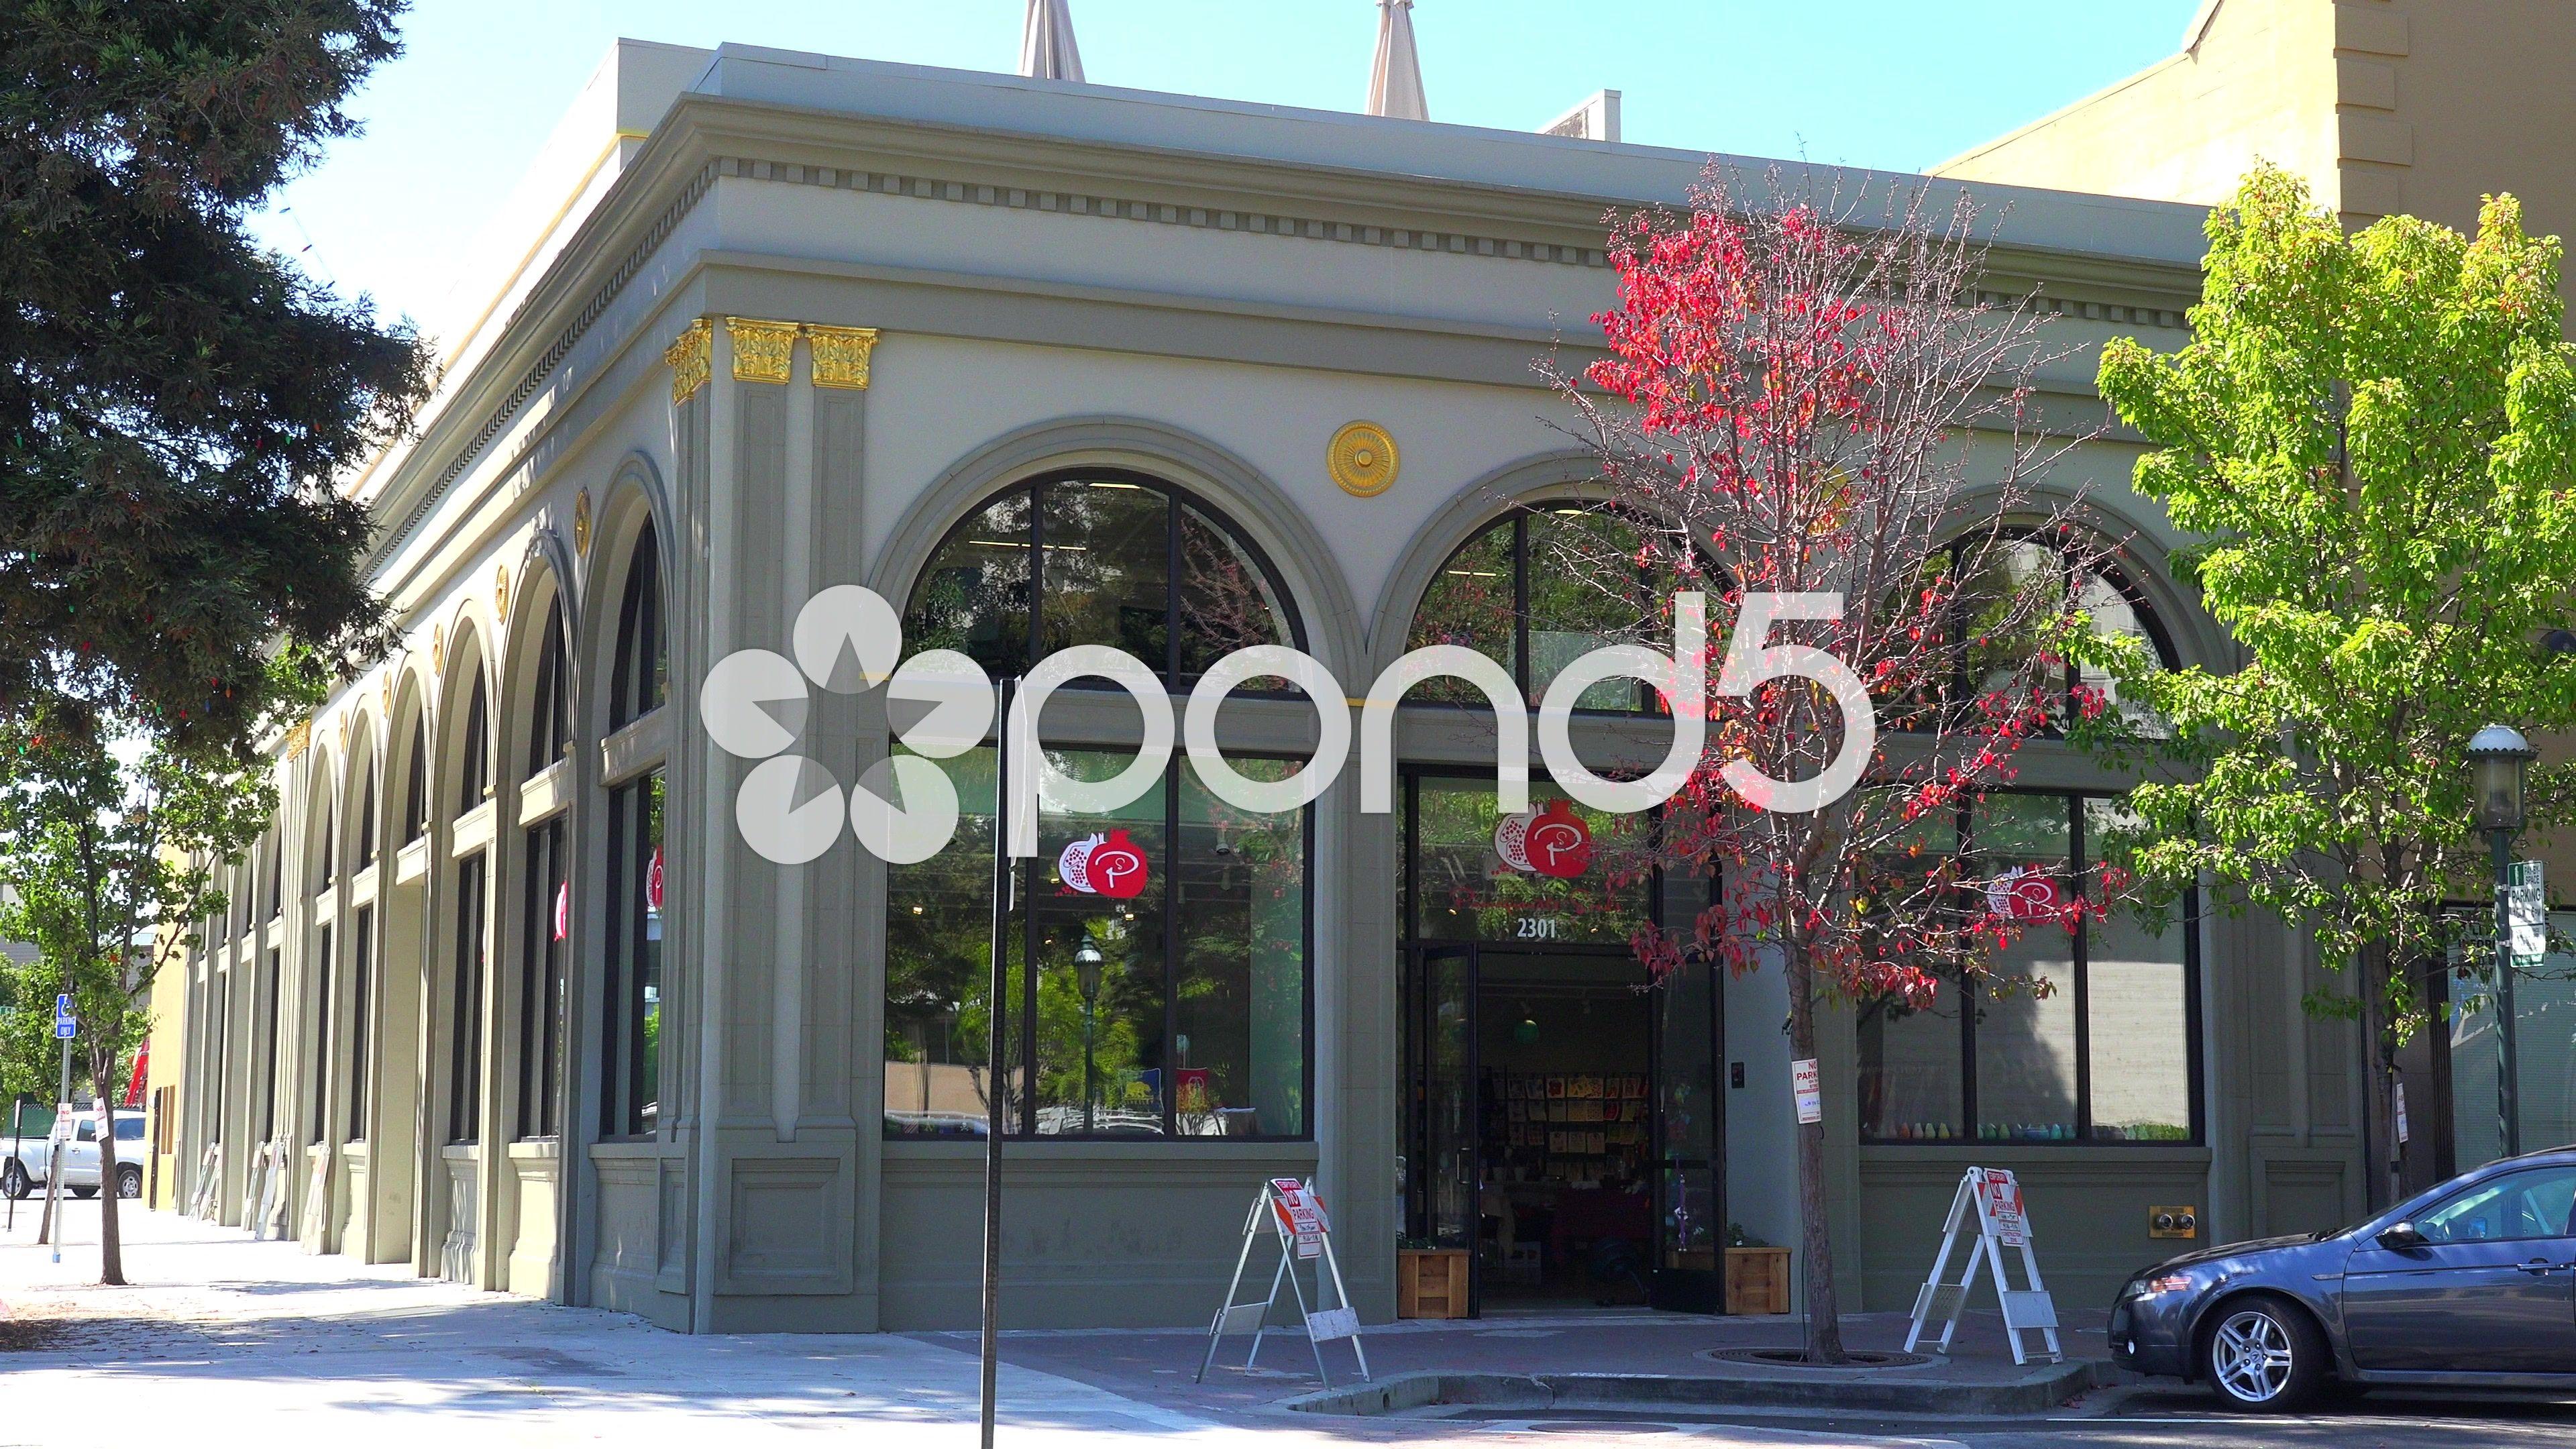 Establishing shot of a small retail business establishment